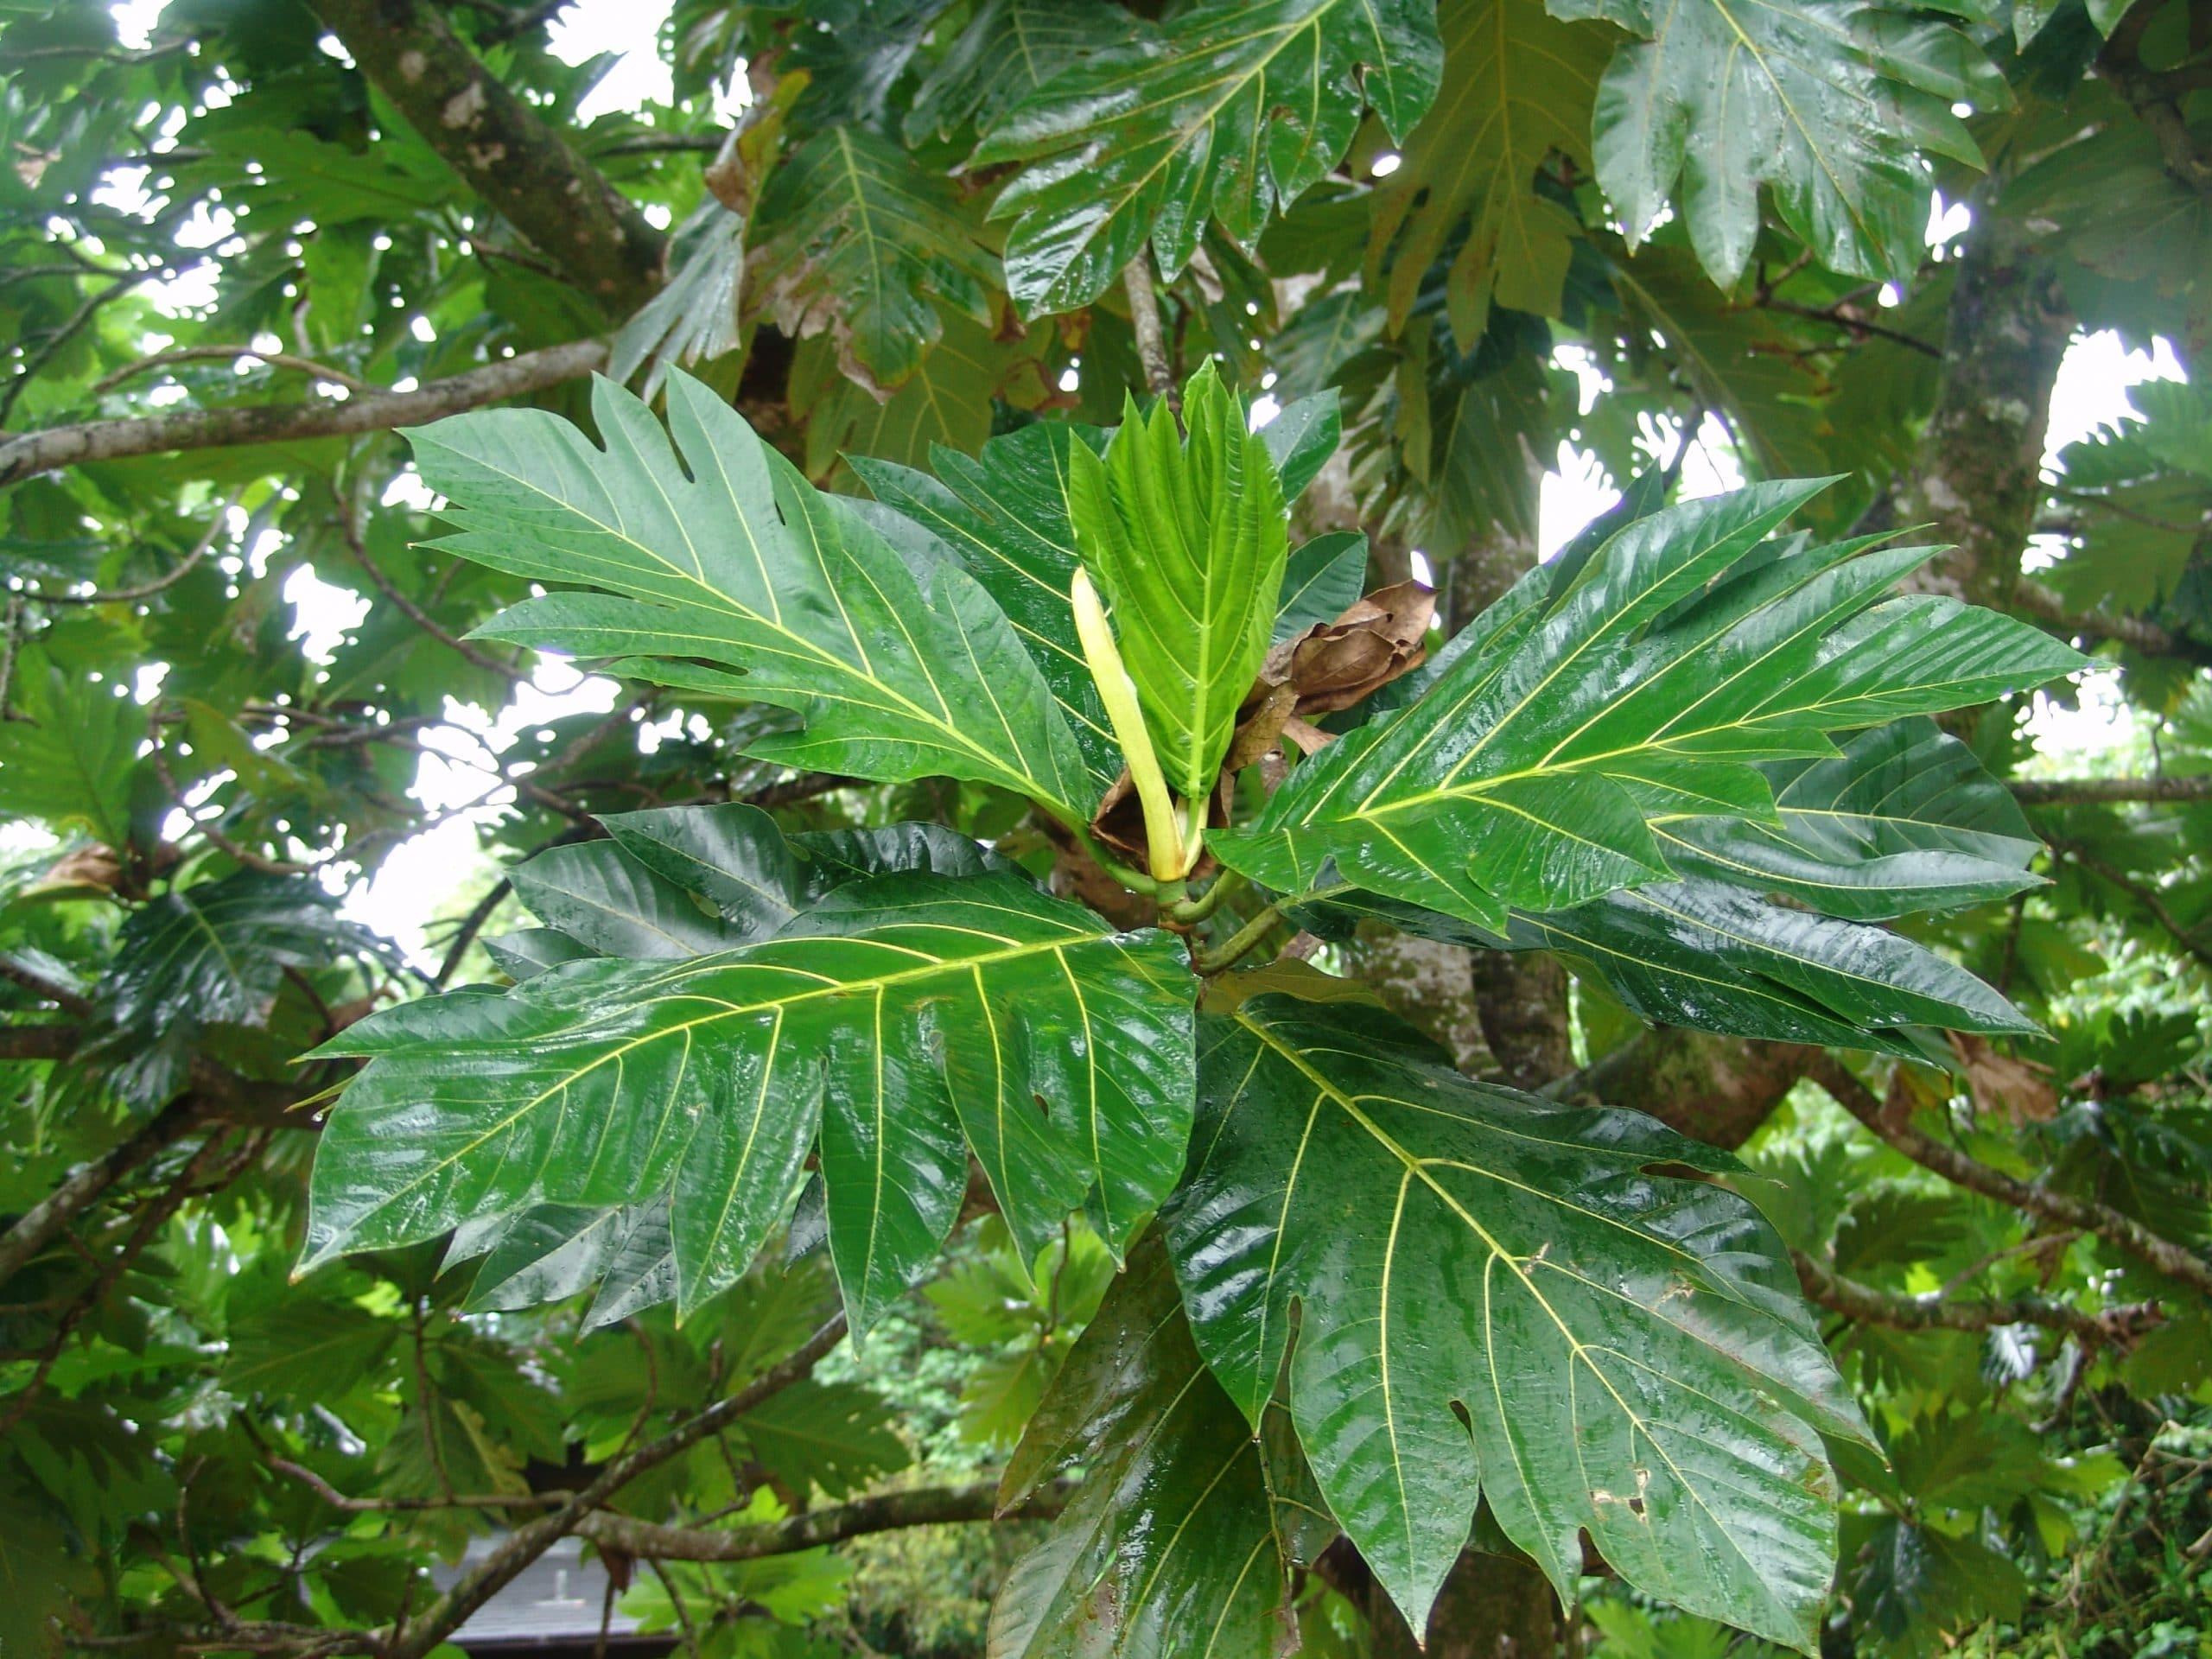 Vista de las hojas del árbol del pan